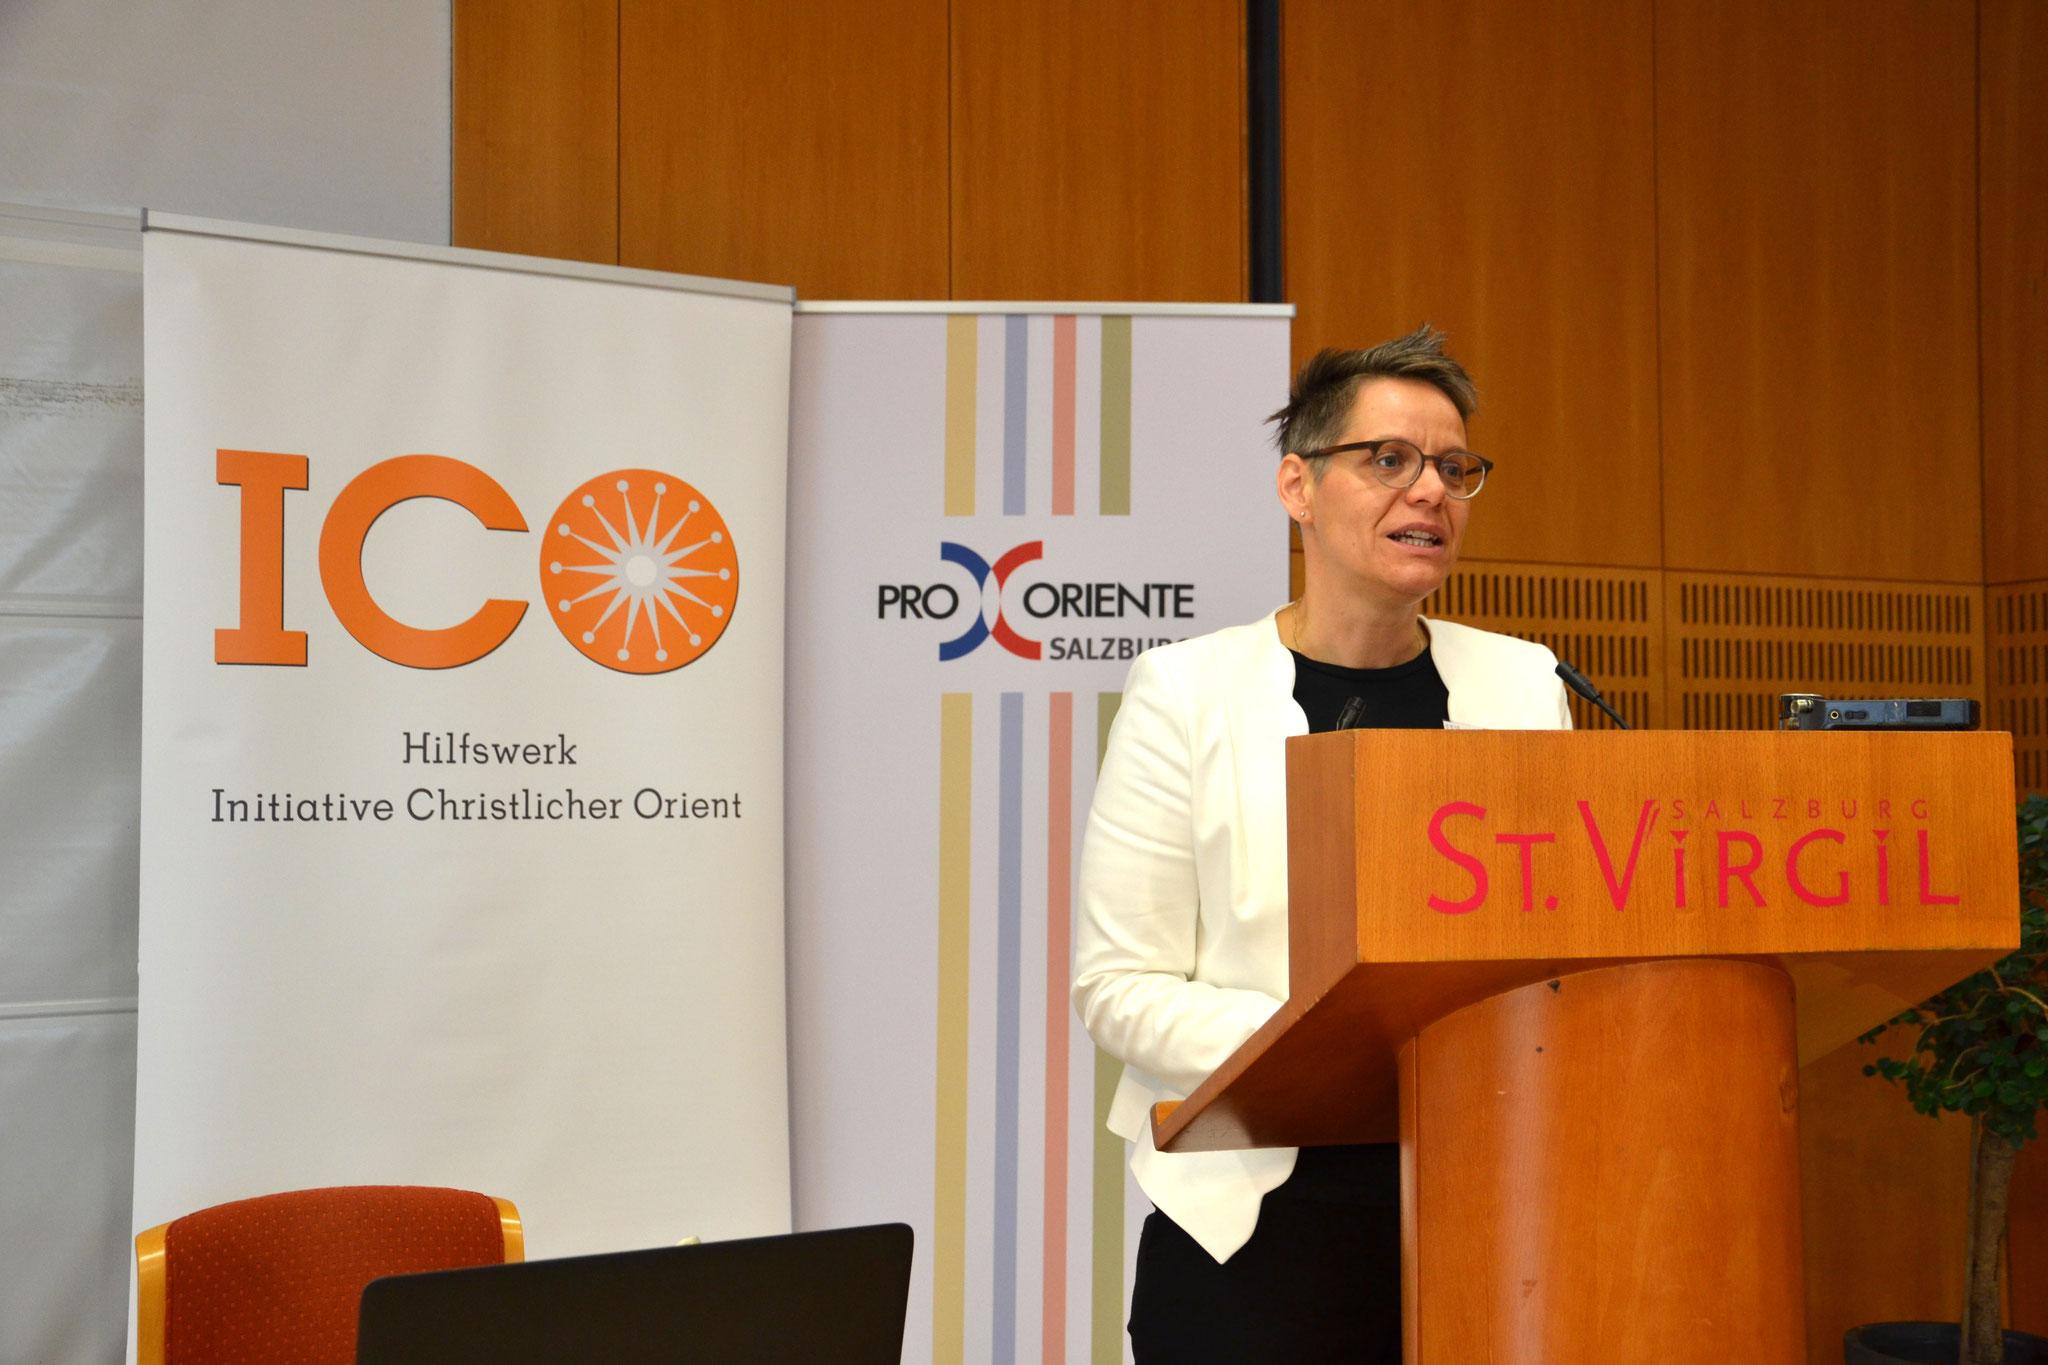 Regina Augustin, Vizevorsitzende der ICO, führte als Moderatorin durch den ersten Tag der Jahrestagung.